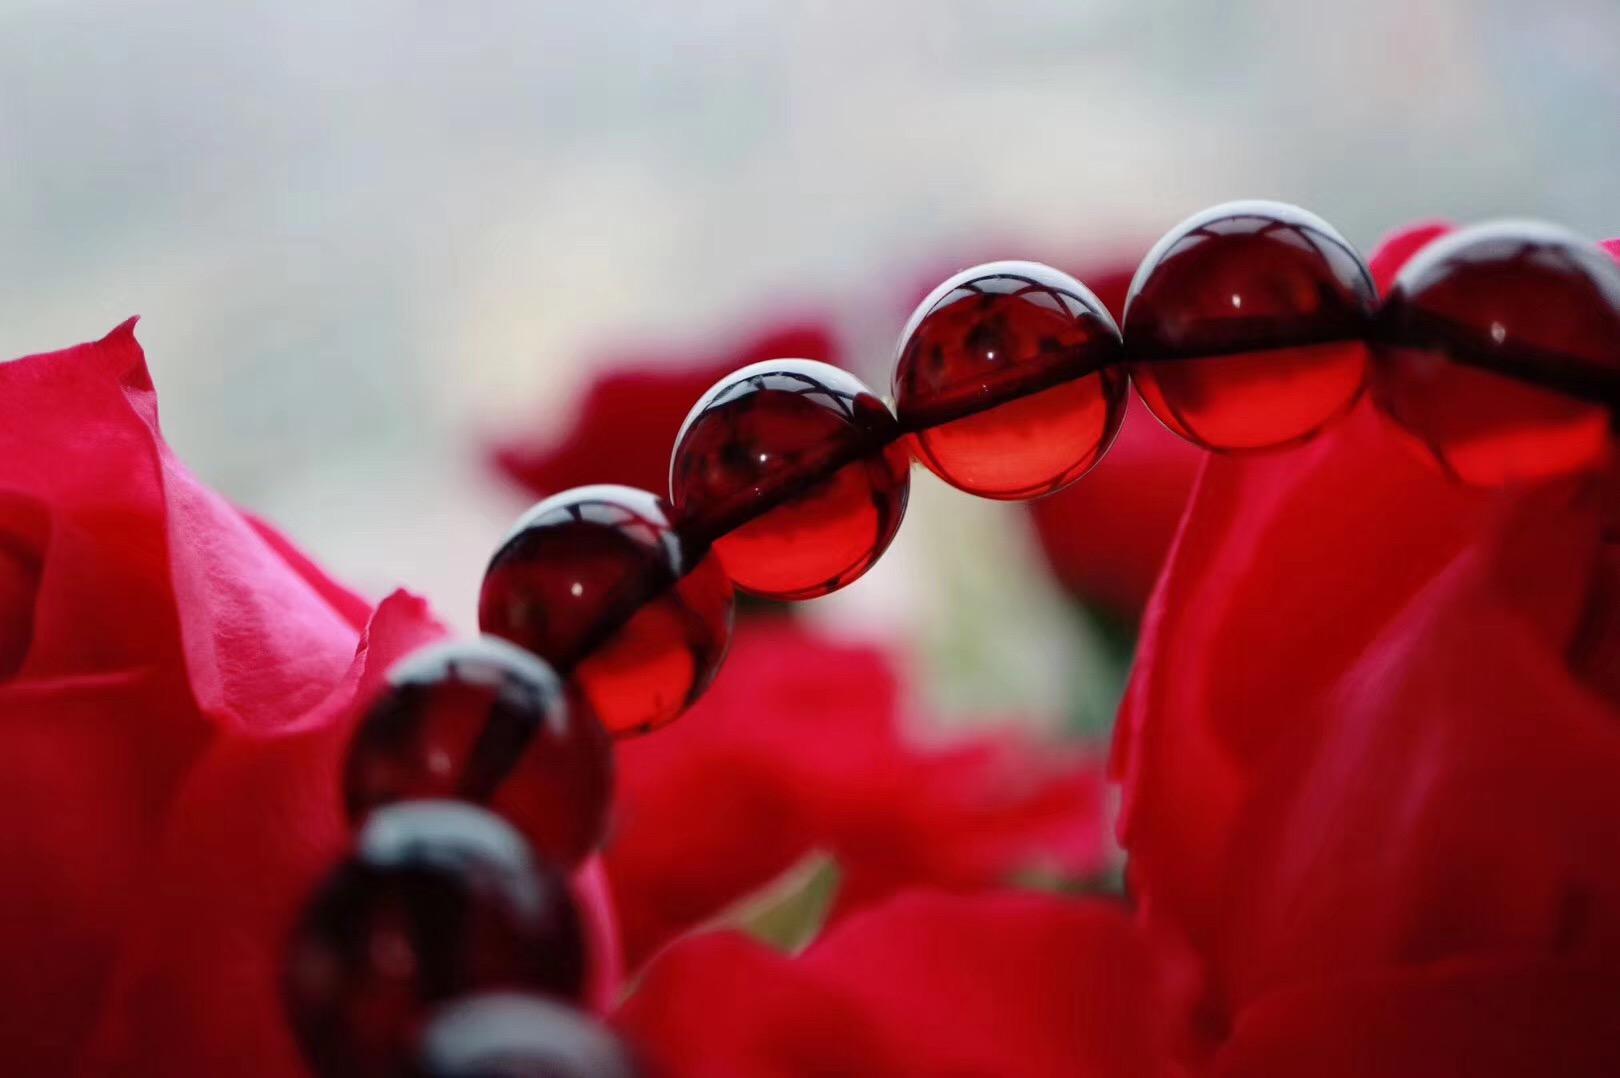 【净水血珀 & 菩心】佩戴血珀能够增强运势和幸福感,让诸事更加顺遂-菩心晶舍